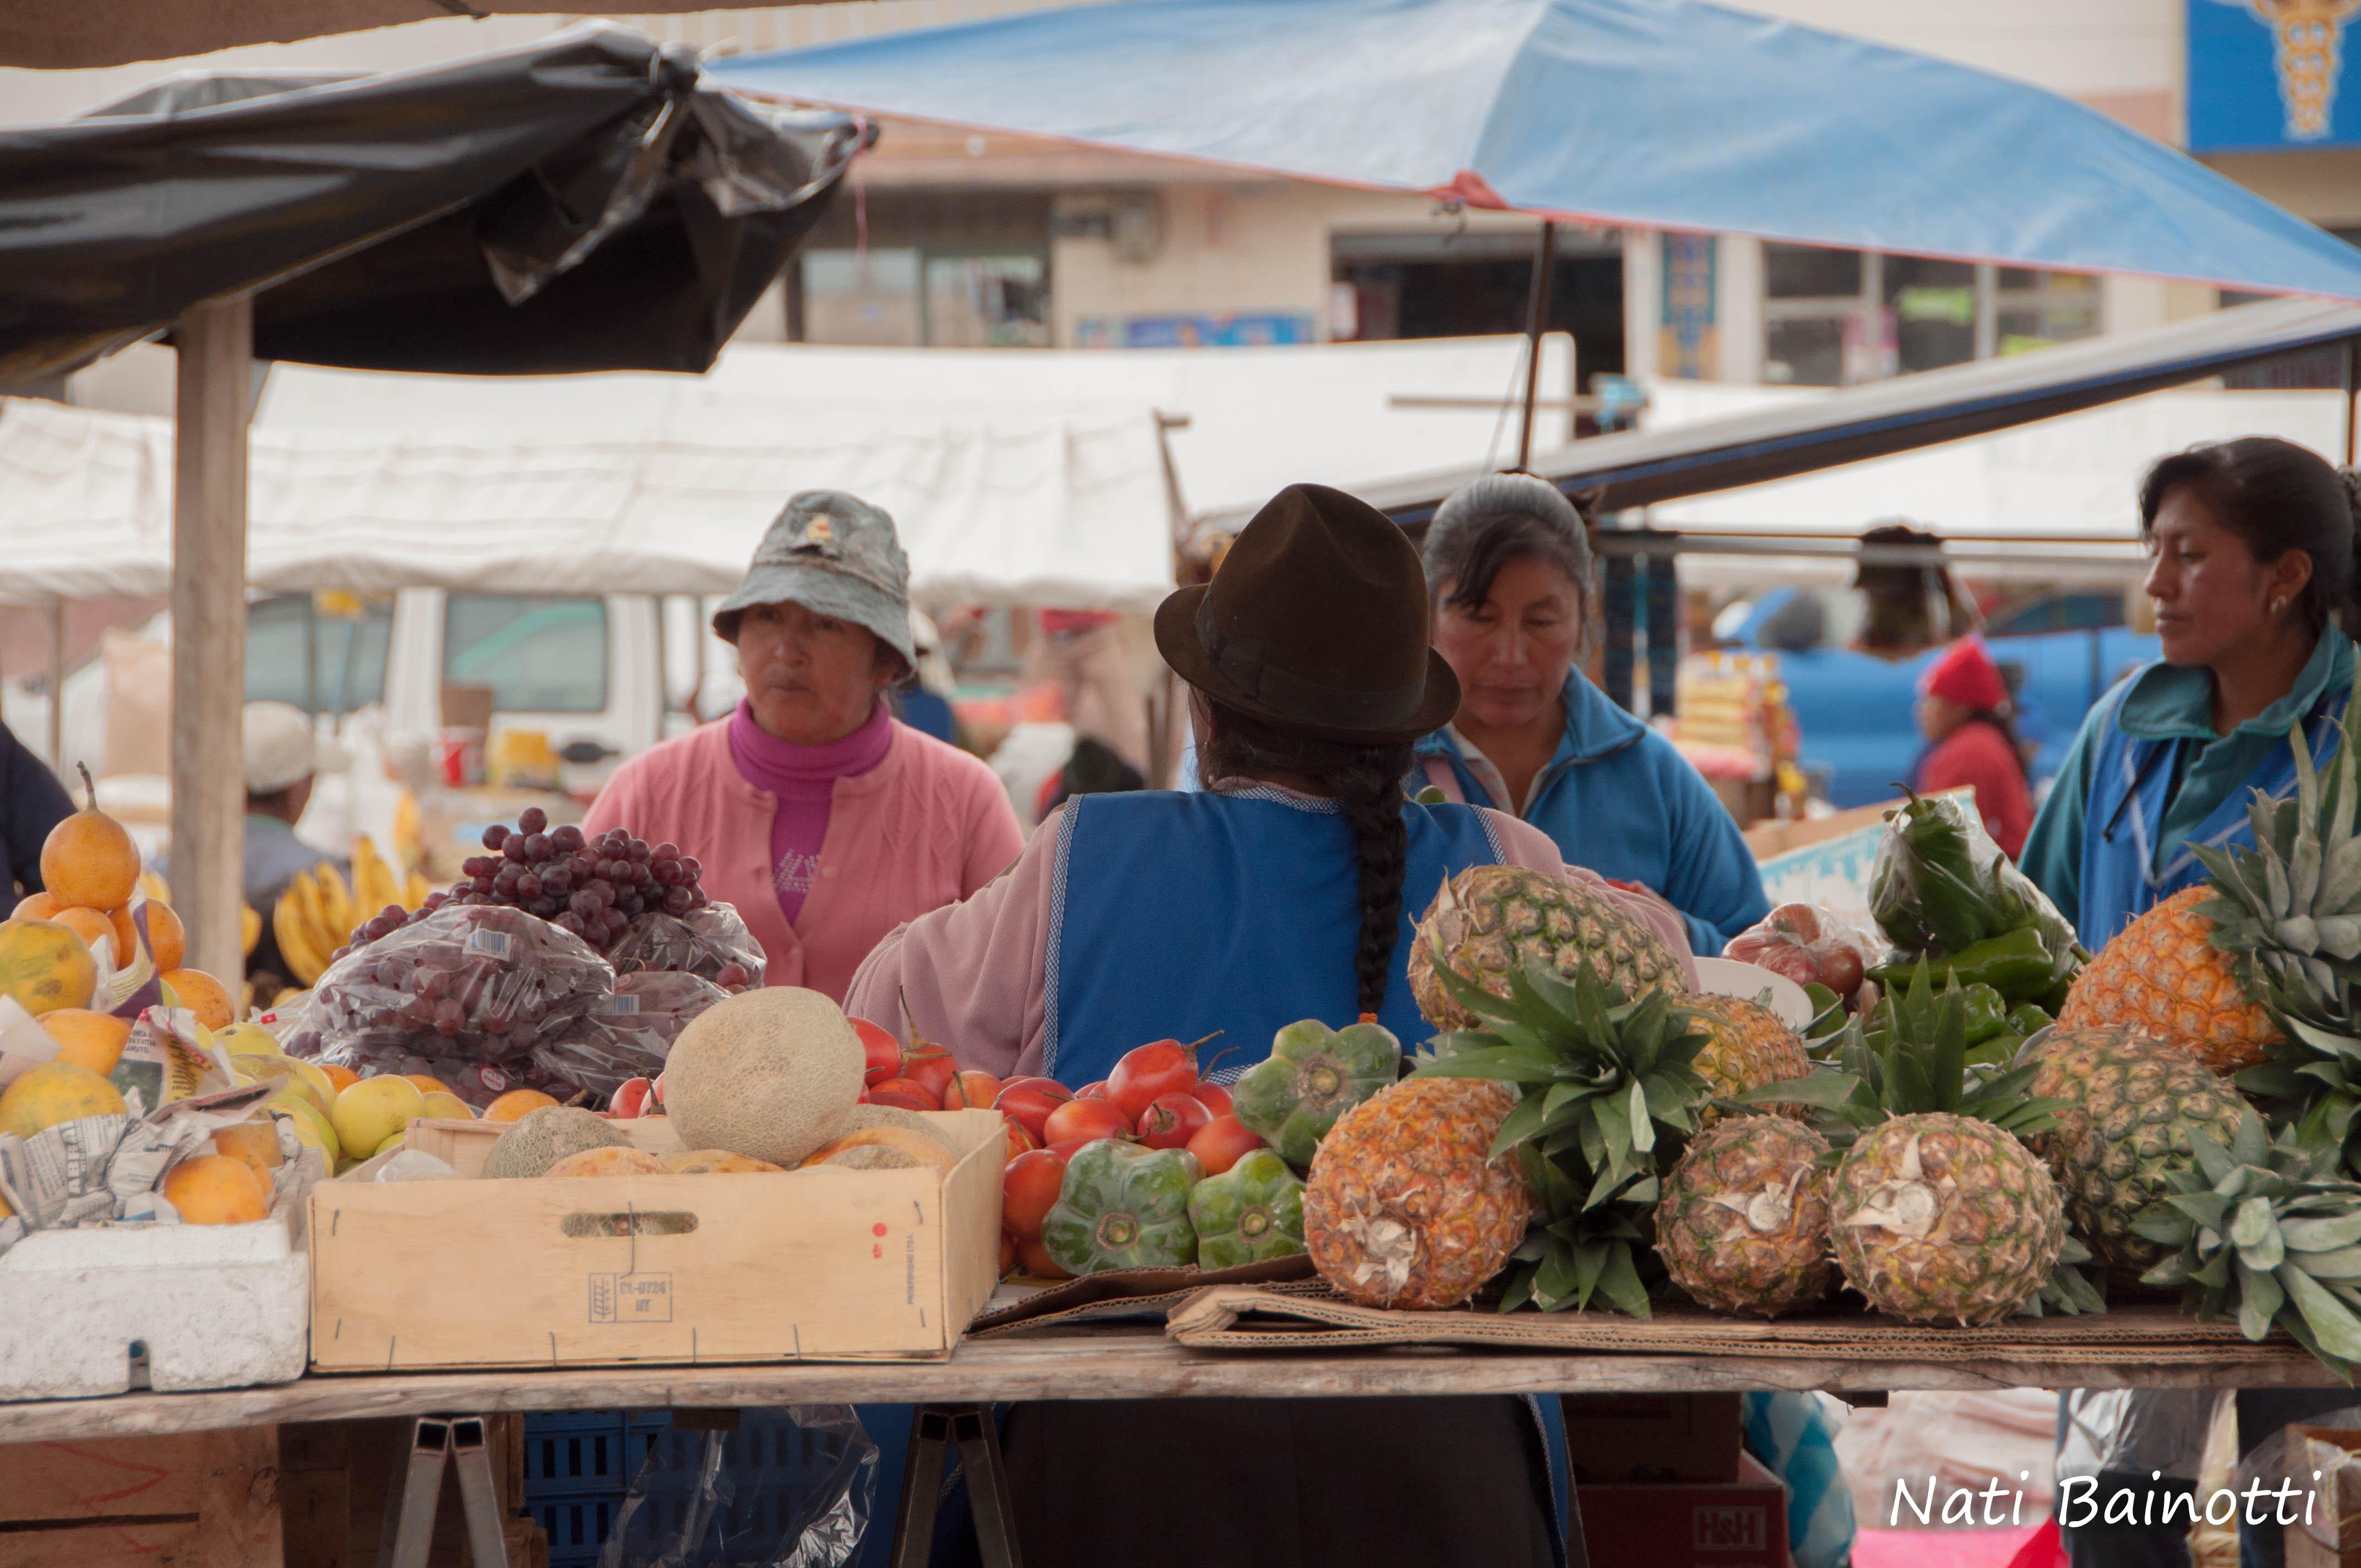 frutas-mercado-saquisili-ecuador-nati-bainotti-mi-vida-en-una-mochila